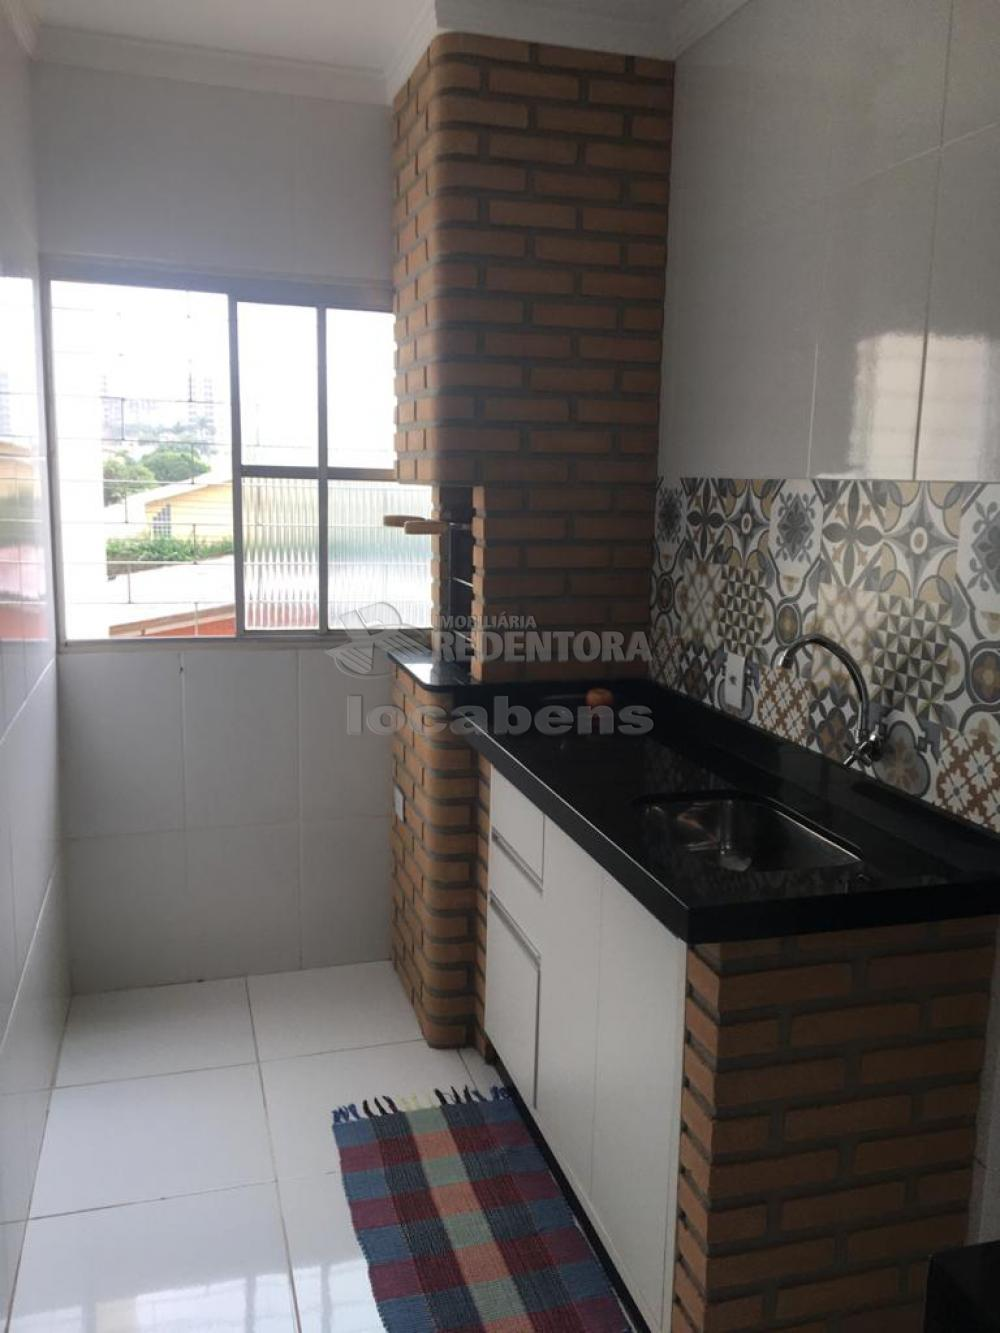 Comprar Apartamento / Padrão em São José do Rio Preto apenas R$ 320.000,00 - Foto 13